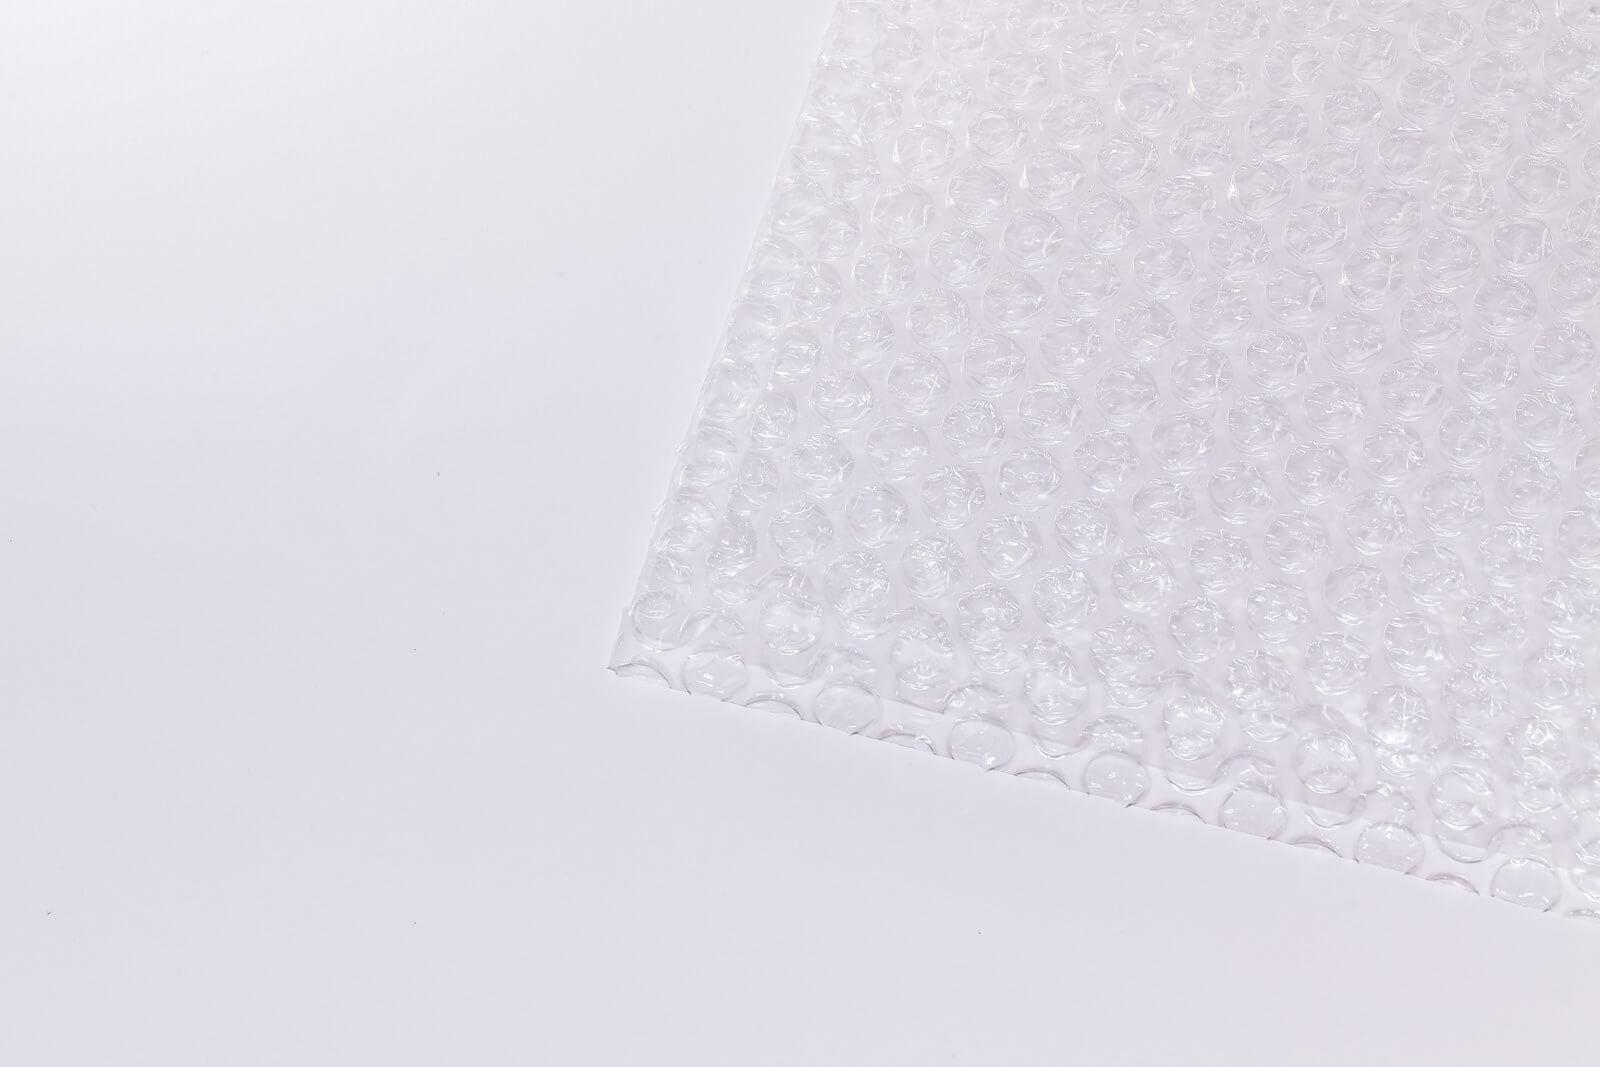 Eine Nahaufnahme der Oberflächenstruktur einer ausgerollten Luftpolsterfolie